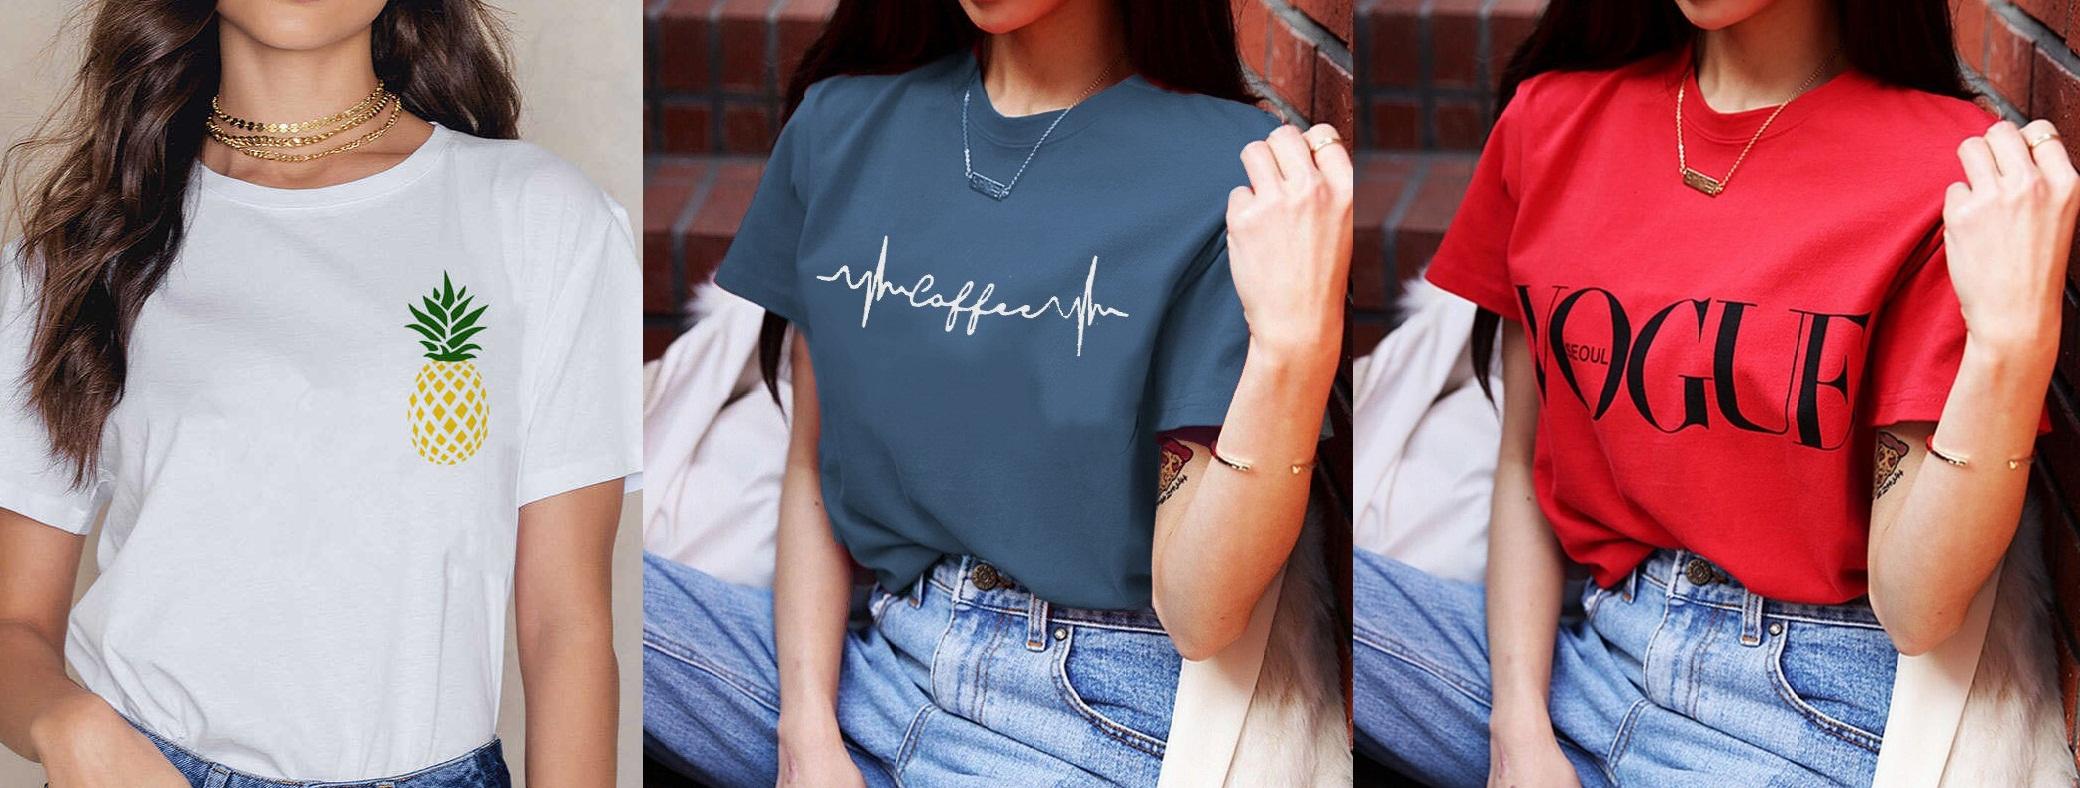 Картинка для ▀▄ ▀▄ Какая футболка подойдет тебе? ▀▄ ▀▄